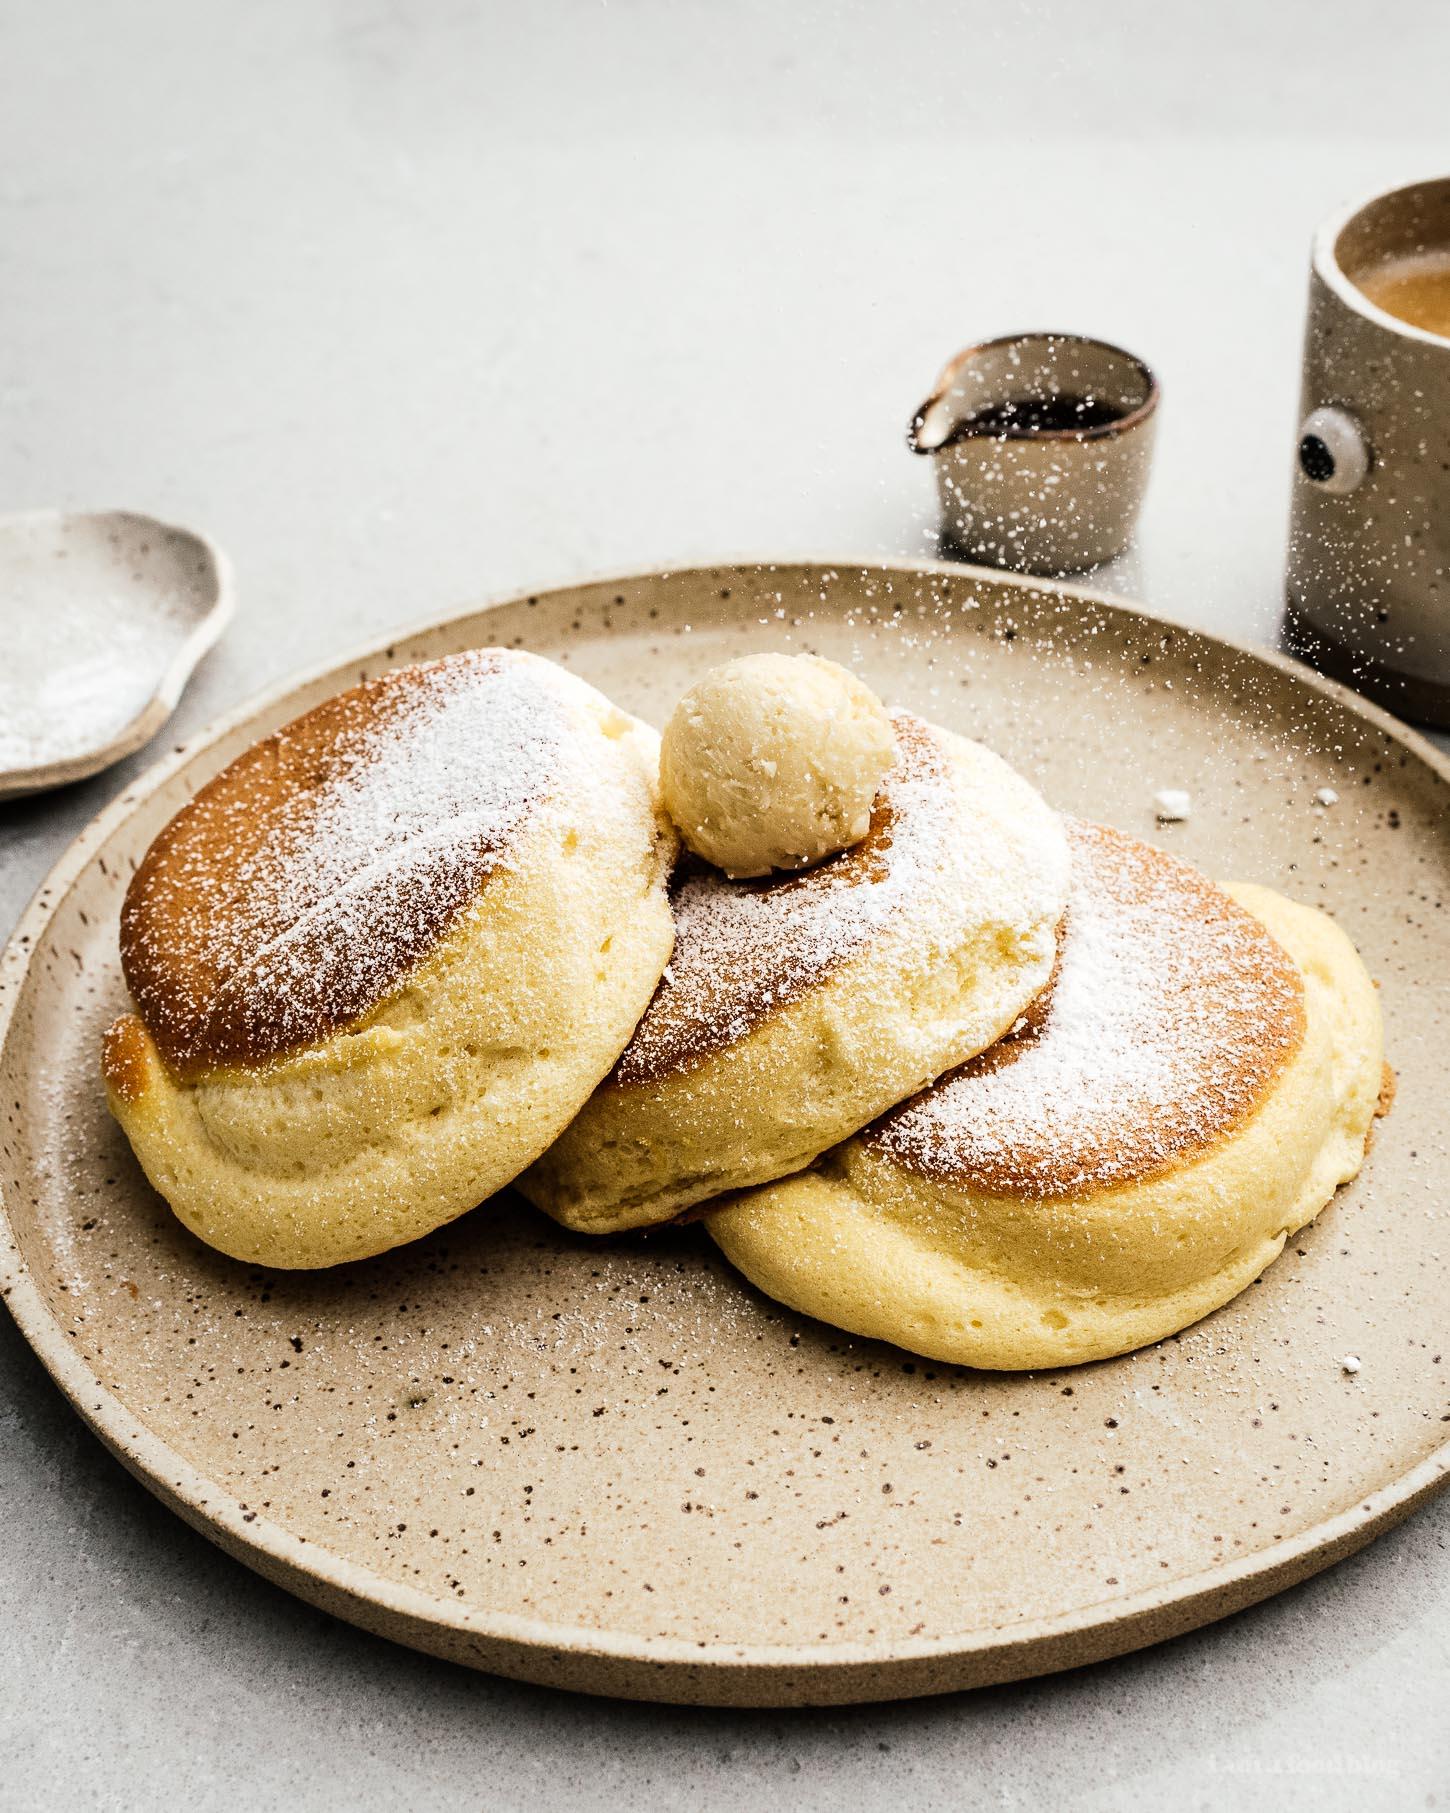 japanische Pfannkuchen zubereiten Anleitung